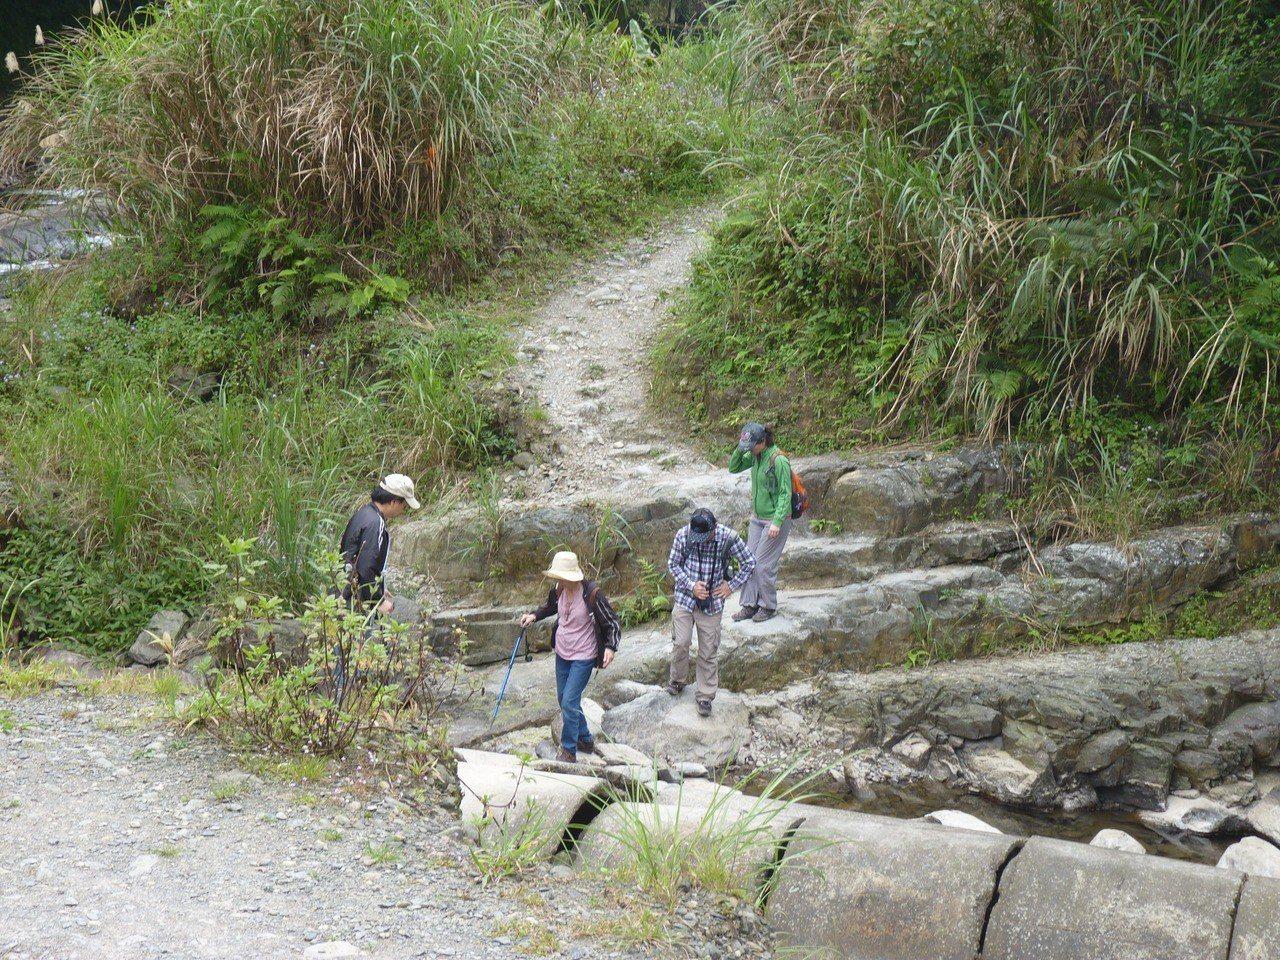 烏來區桶後越嶺步道原是一條自然步道,但如今步道因遭颱風摧毀,多所崩塌。 報系資料...